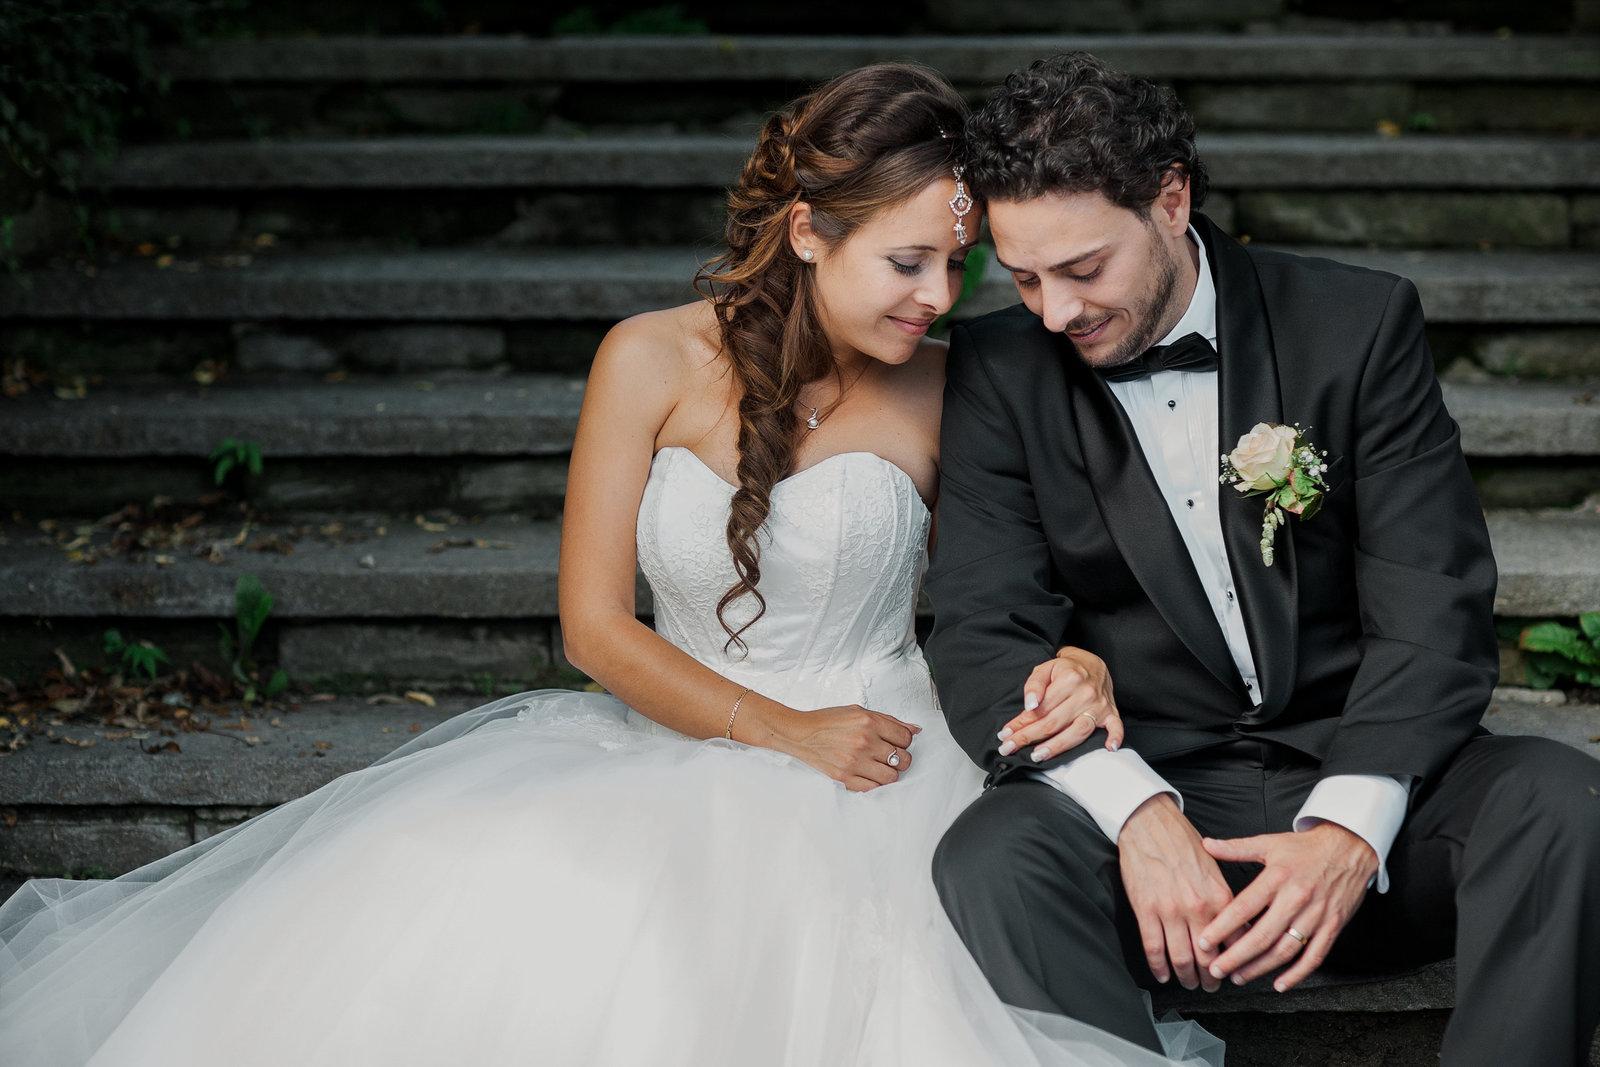 Brautpaarbilder, Hochzeitsfotograf Bern,  Hochzeitsbilder, Heiraten